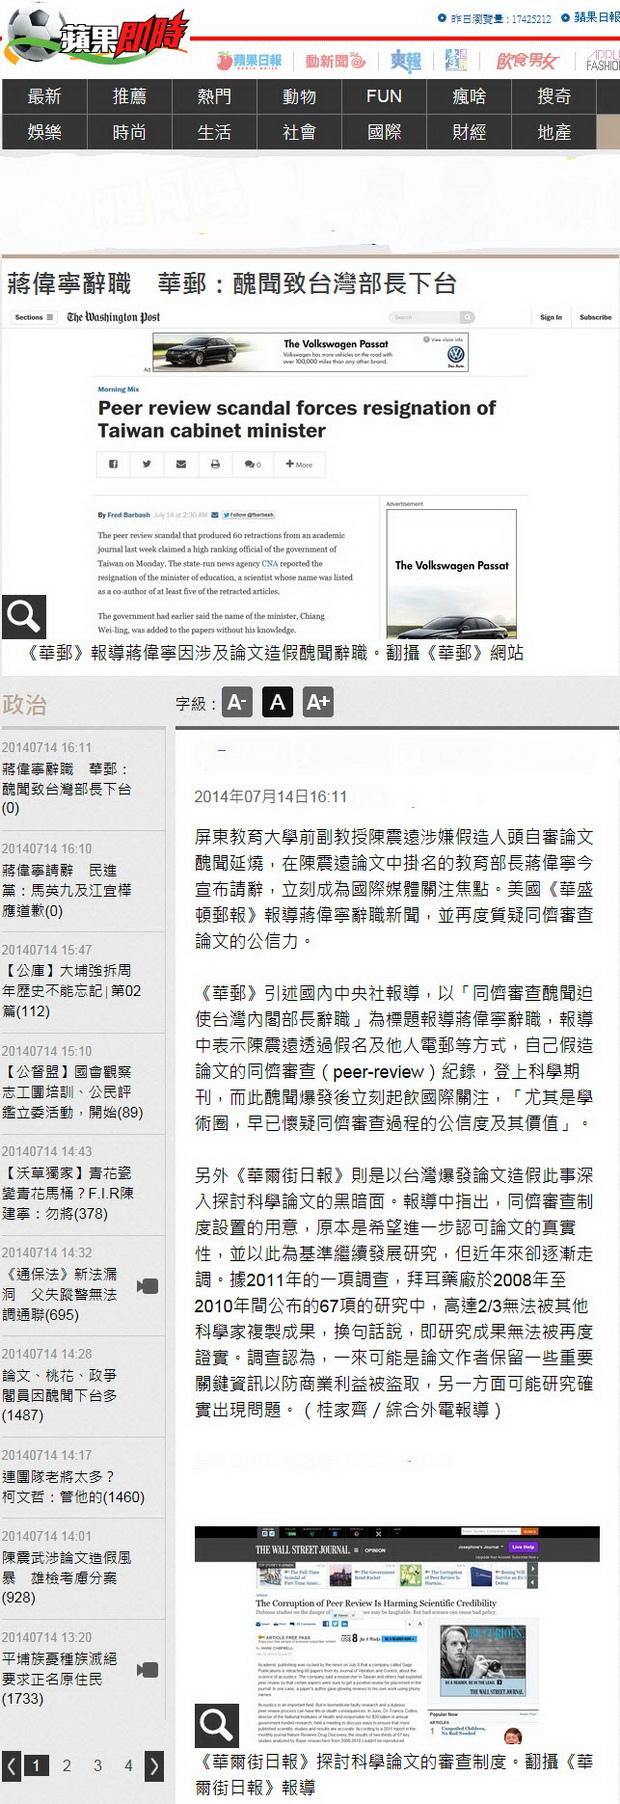 蔣偉寧辭職華郵:醜聞致台灣部長下台-2014.07.14.jpg